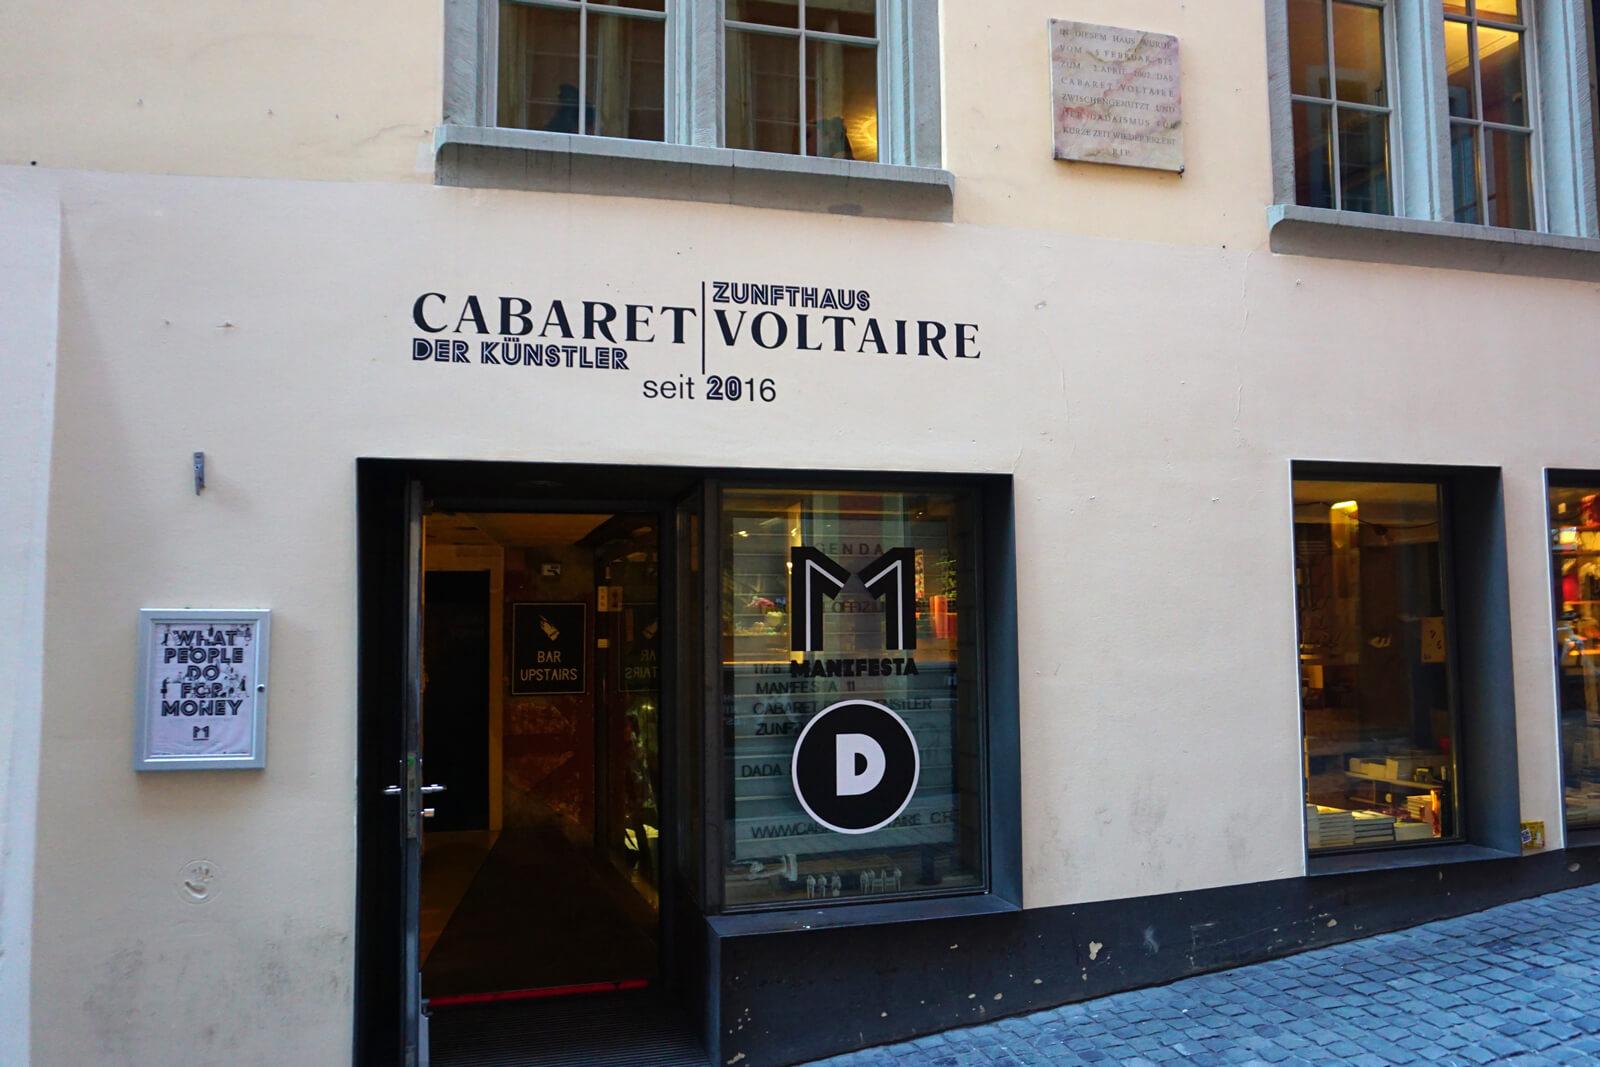 Cabaret Voltaire in Zürich